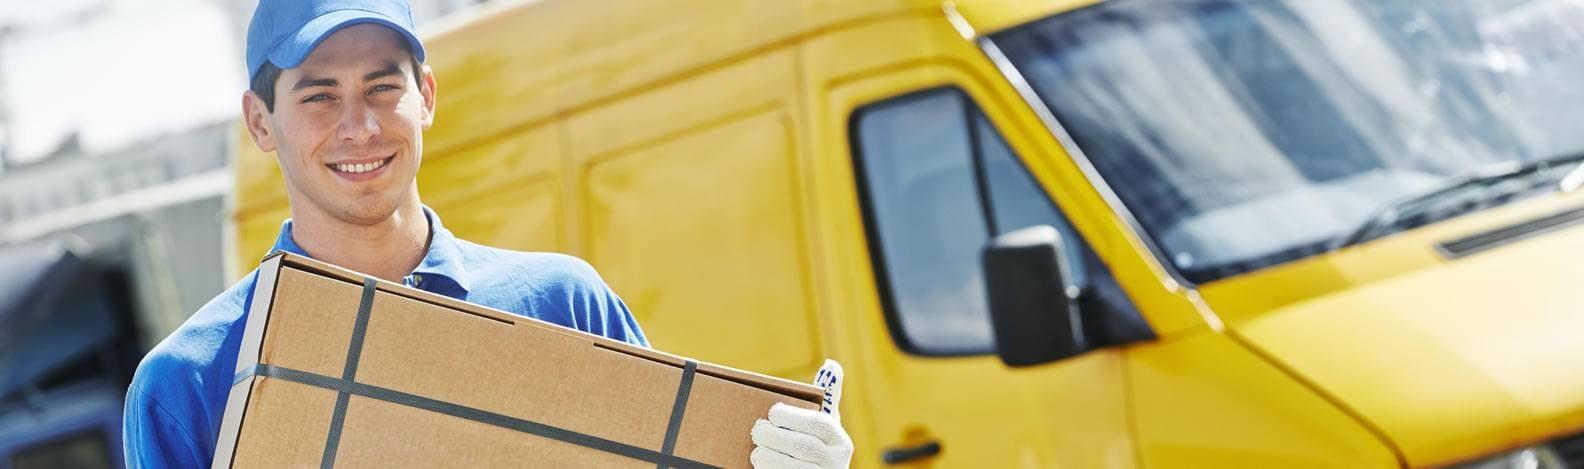 Man Delivering Order